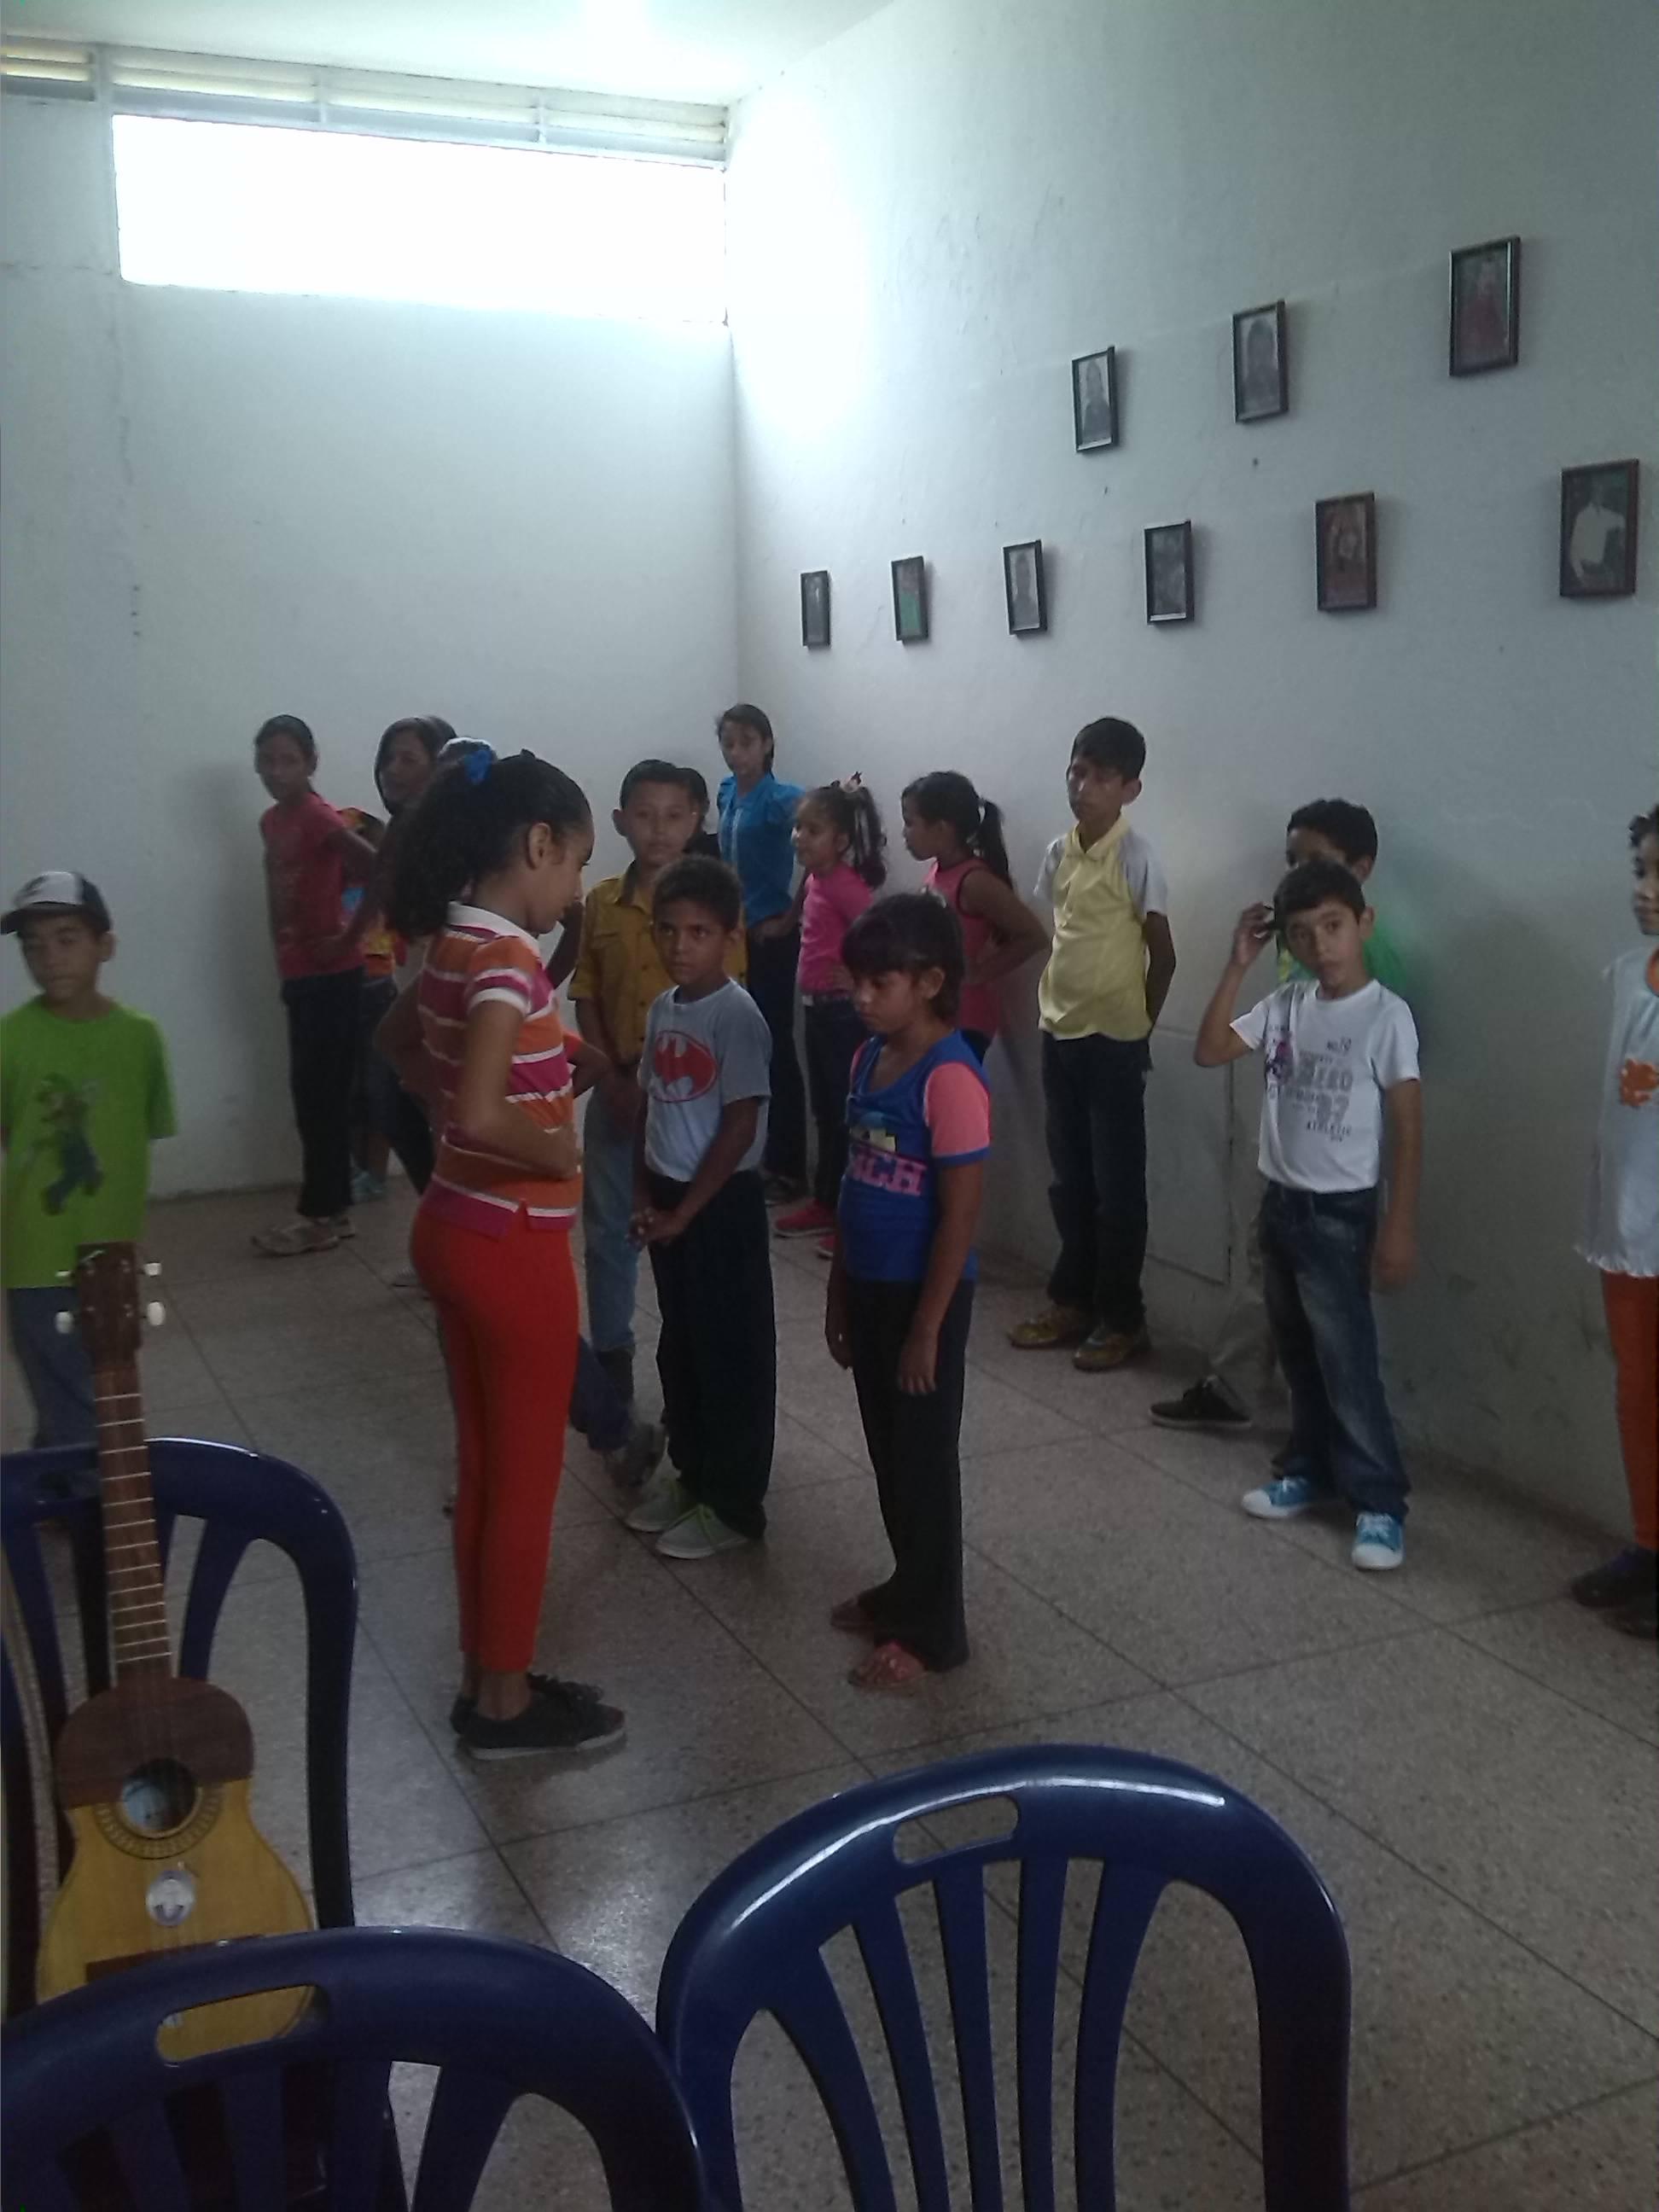 Los niños disfrutarán de diversas actividades recreativas y culturales